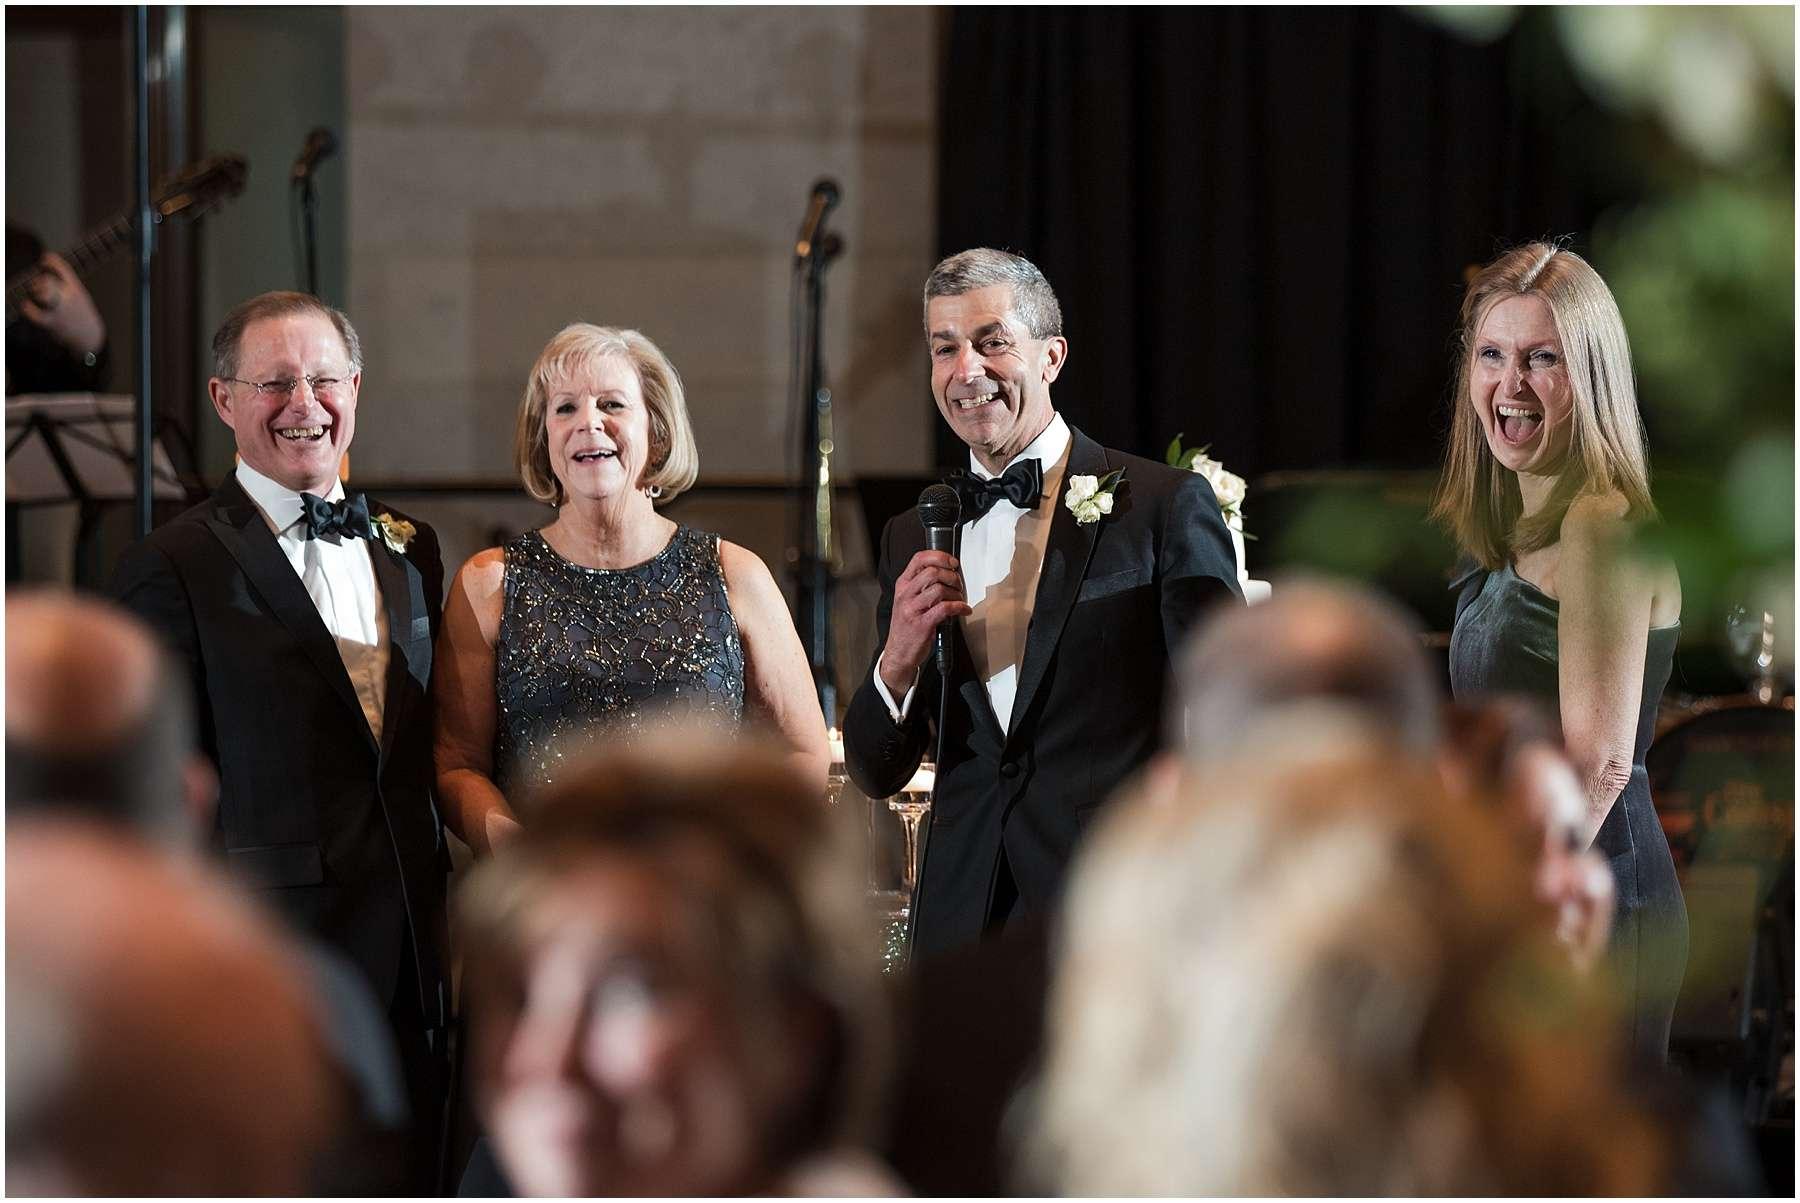 Wedding at the Ohio Statehouse | Columbus Ohio Weddings 212